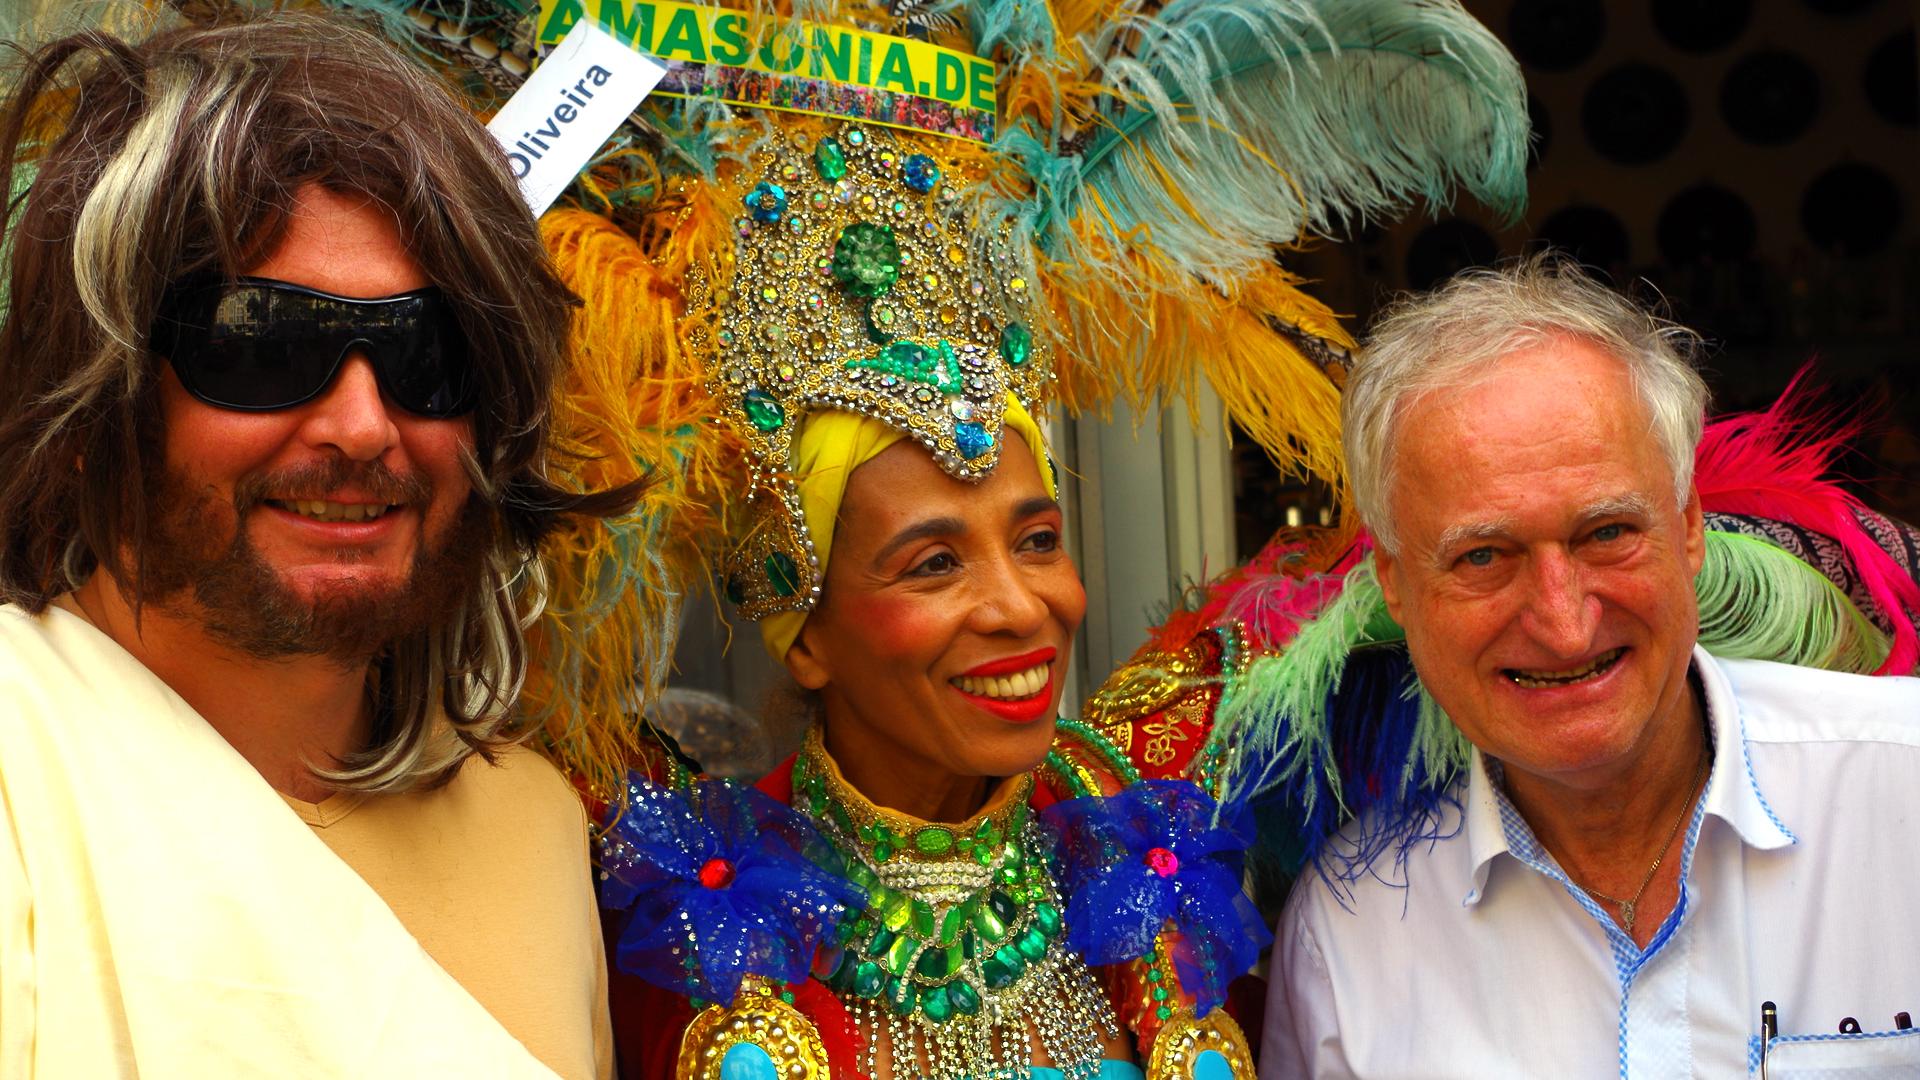 Detlev F. Neufert (r.) will zeigen, dass das Christentum fröhlich ist. Bei einer eigens zu diesem Zweck angemeldeten Demo begleiteten ihn ein als Jesus verkleideter Schauspieler und die Choreografin Sonia de Oliveira.